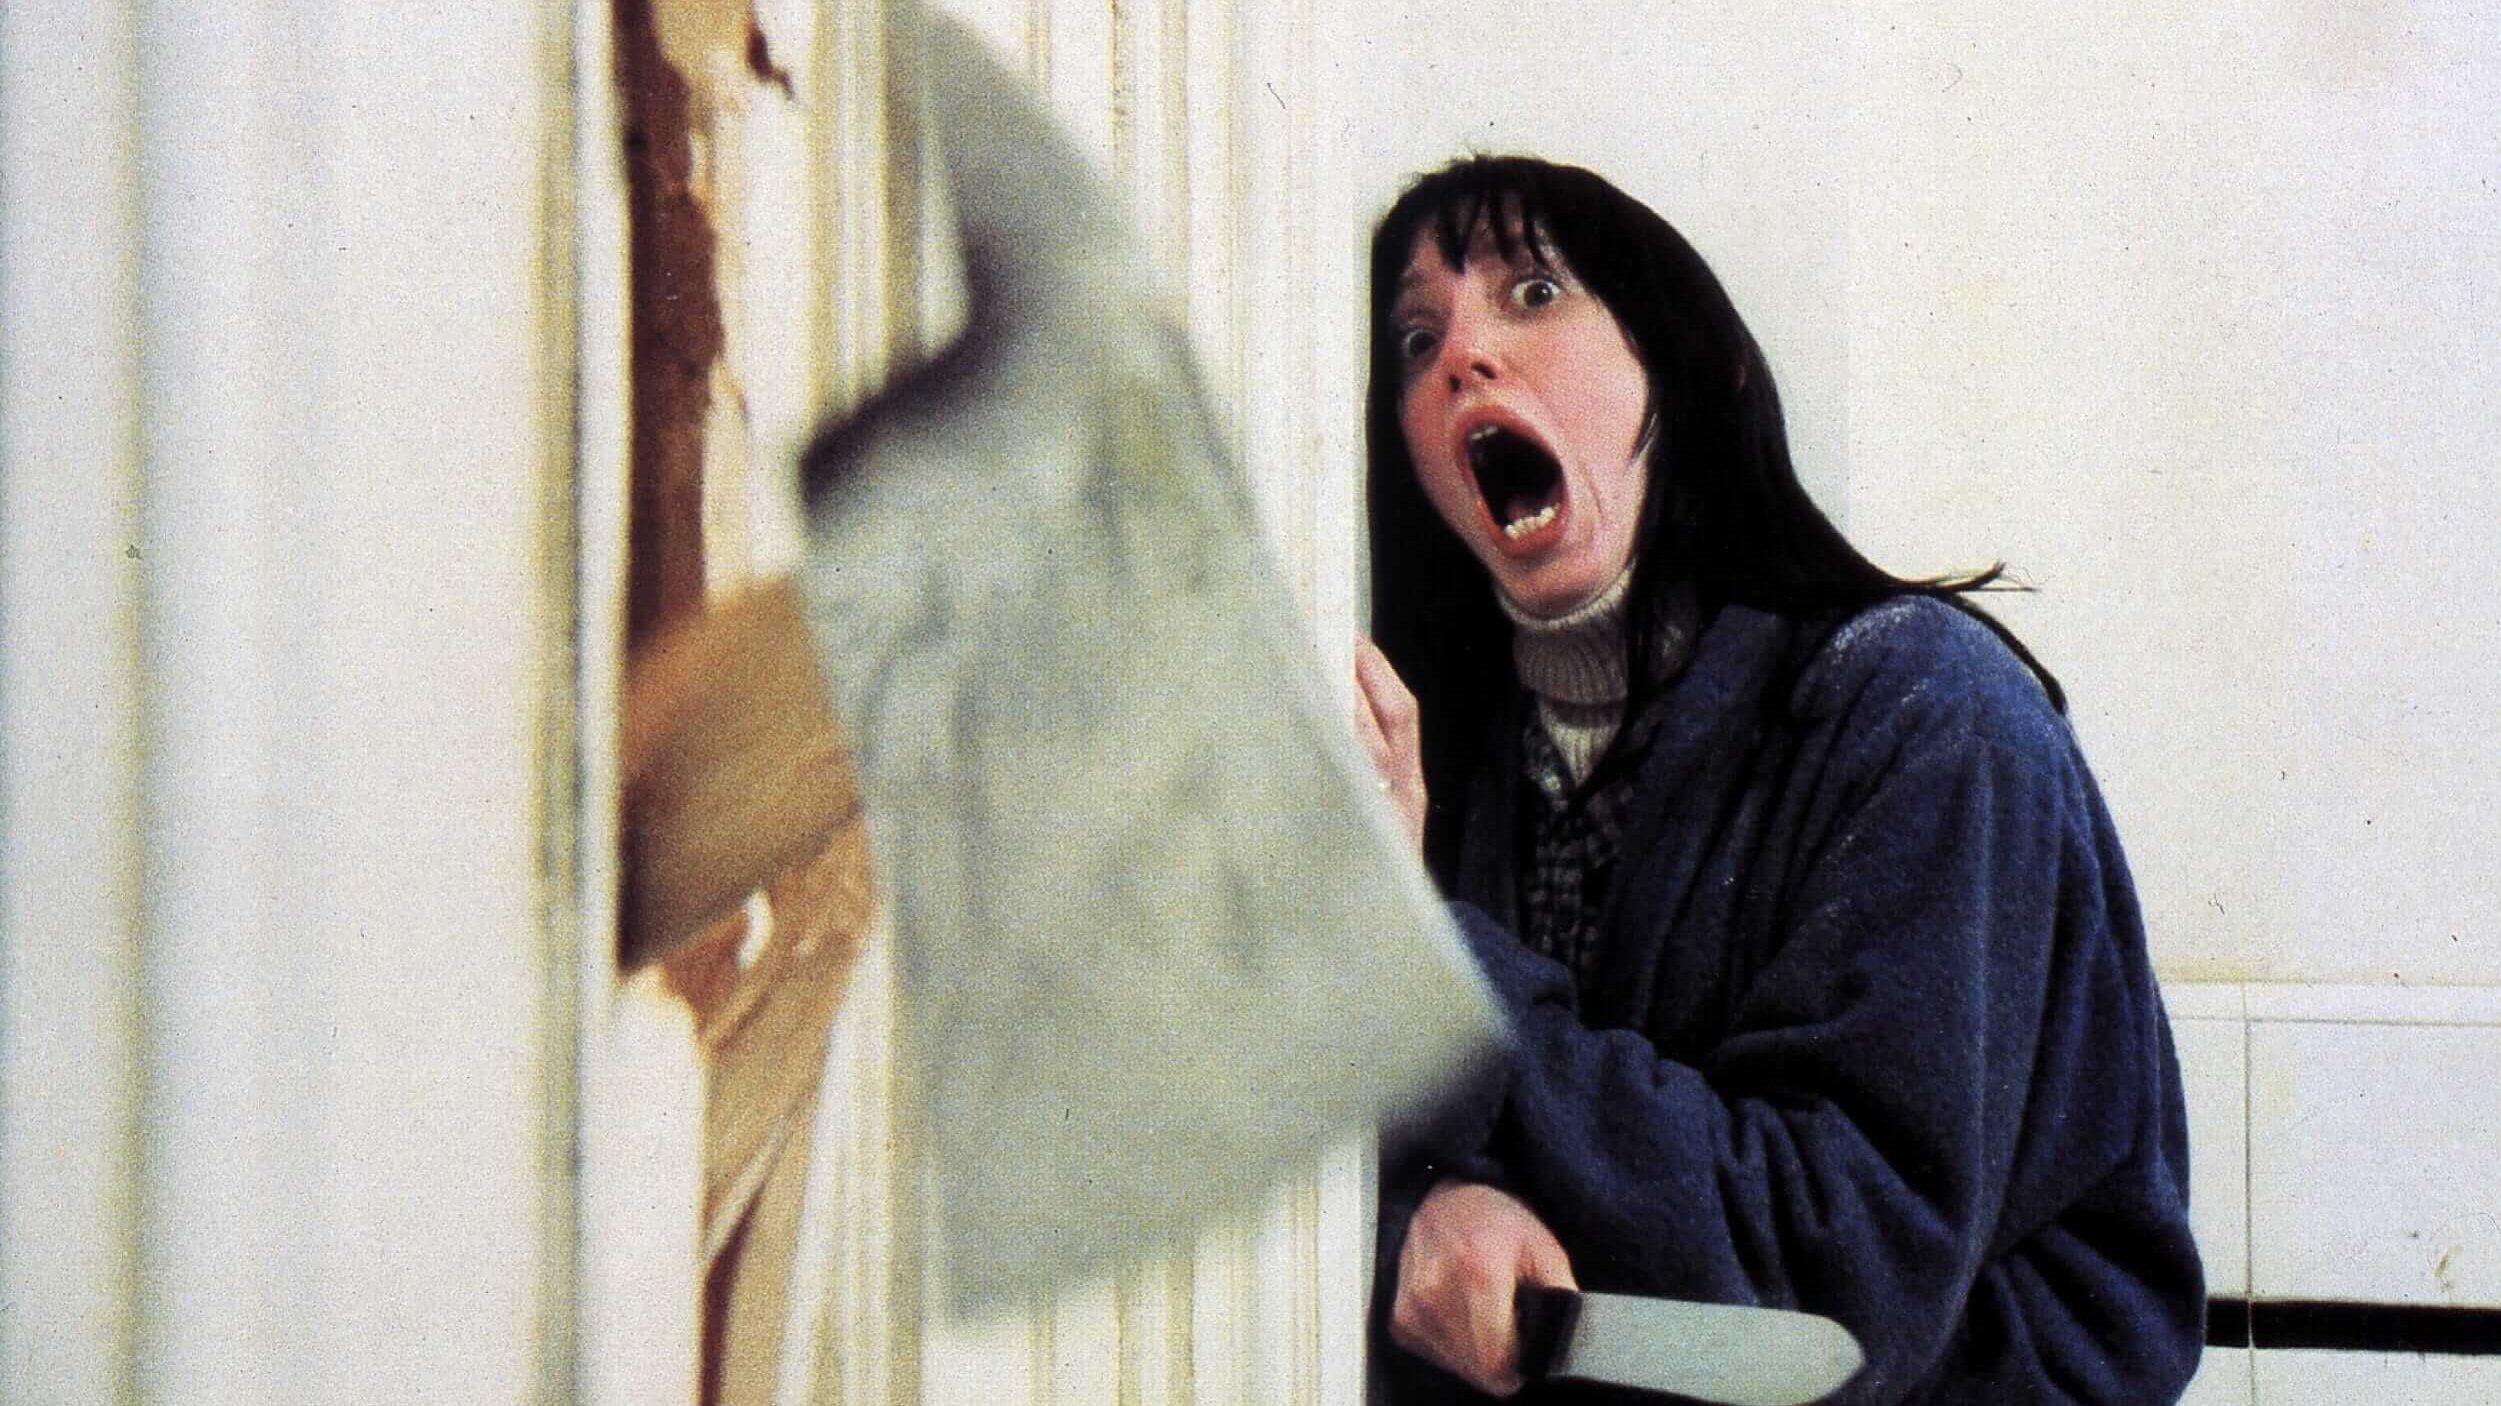 ۱۰ واقعیت عجیب از پشت صحنه درخشش The Shining